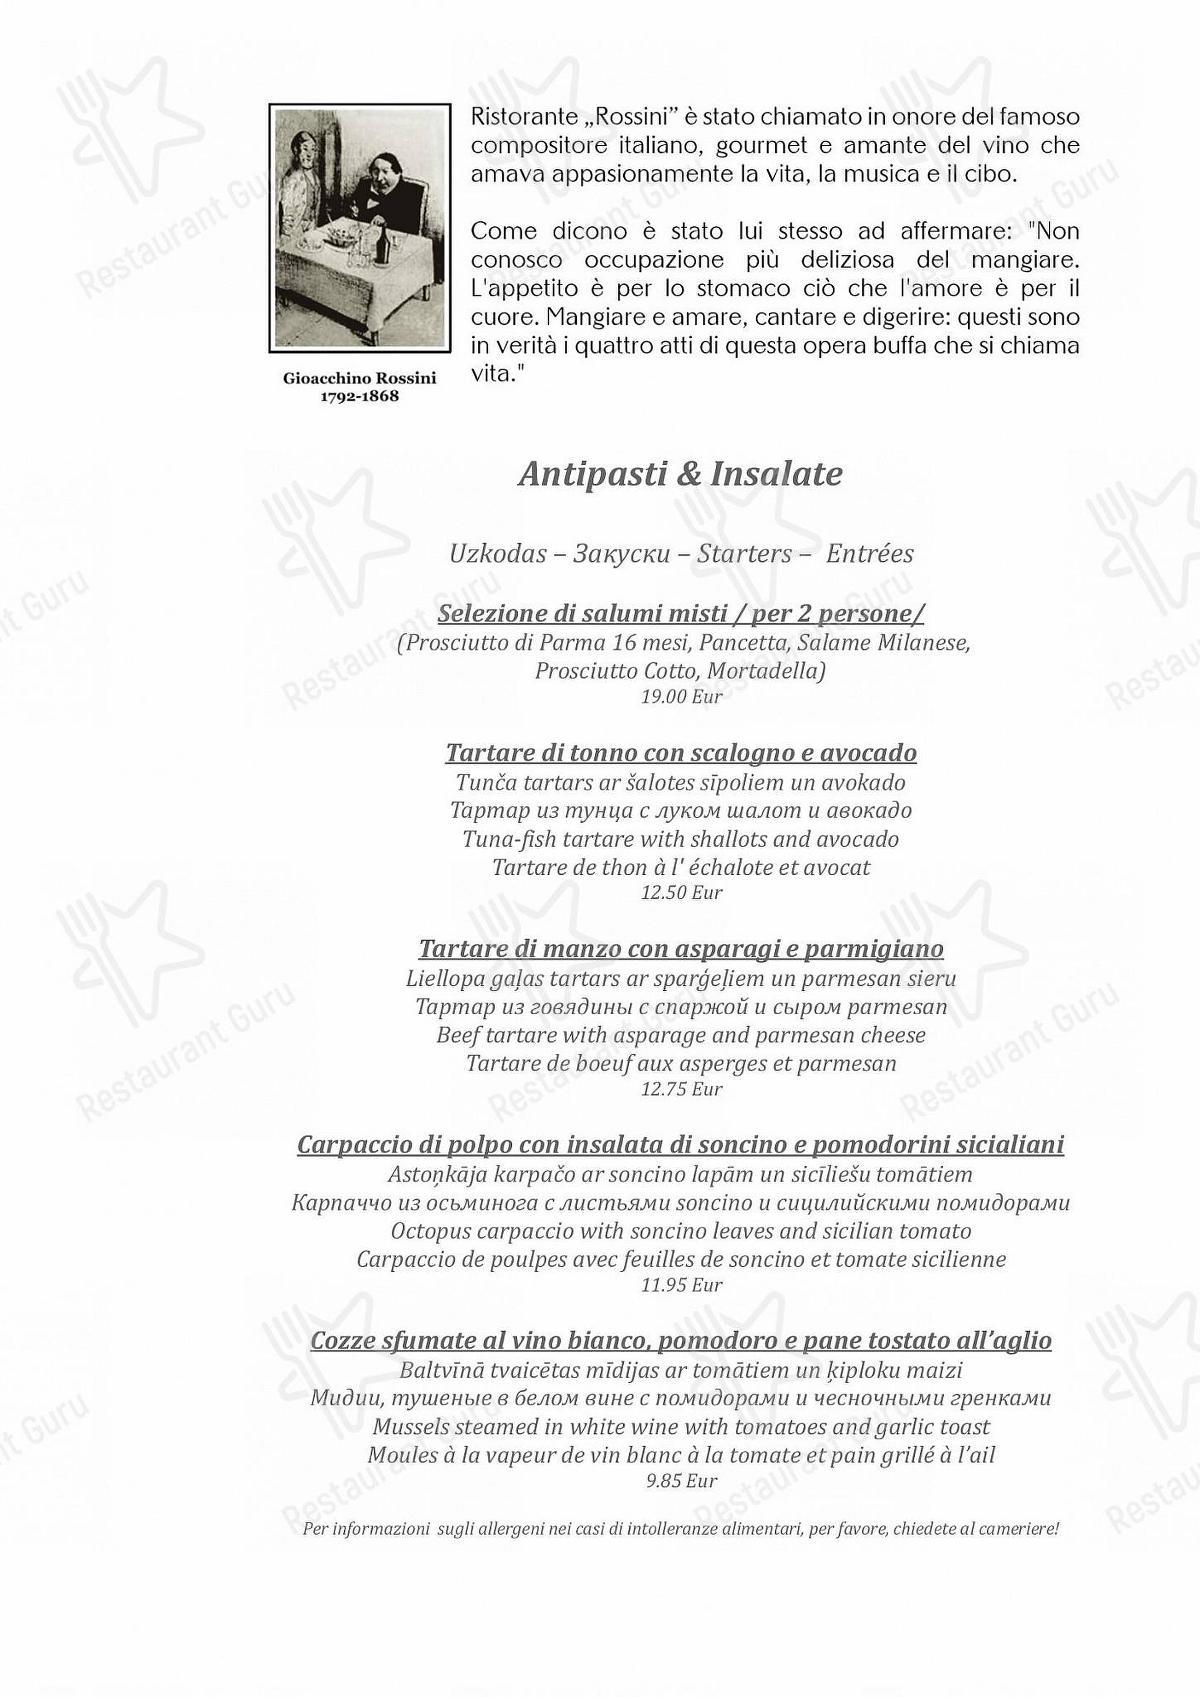 Guarda il menu di Rossini